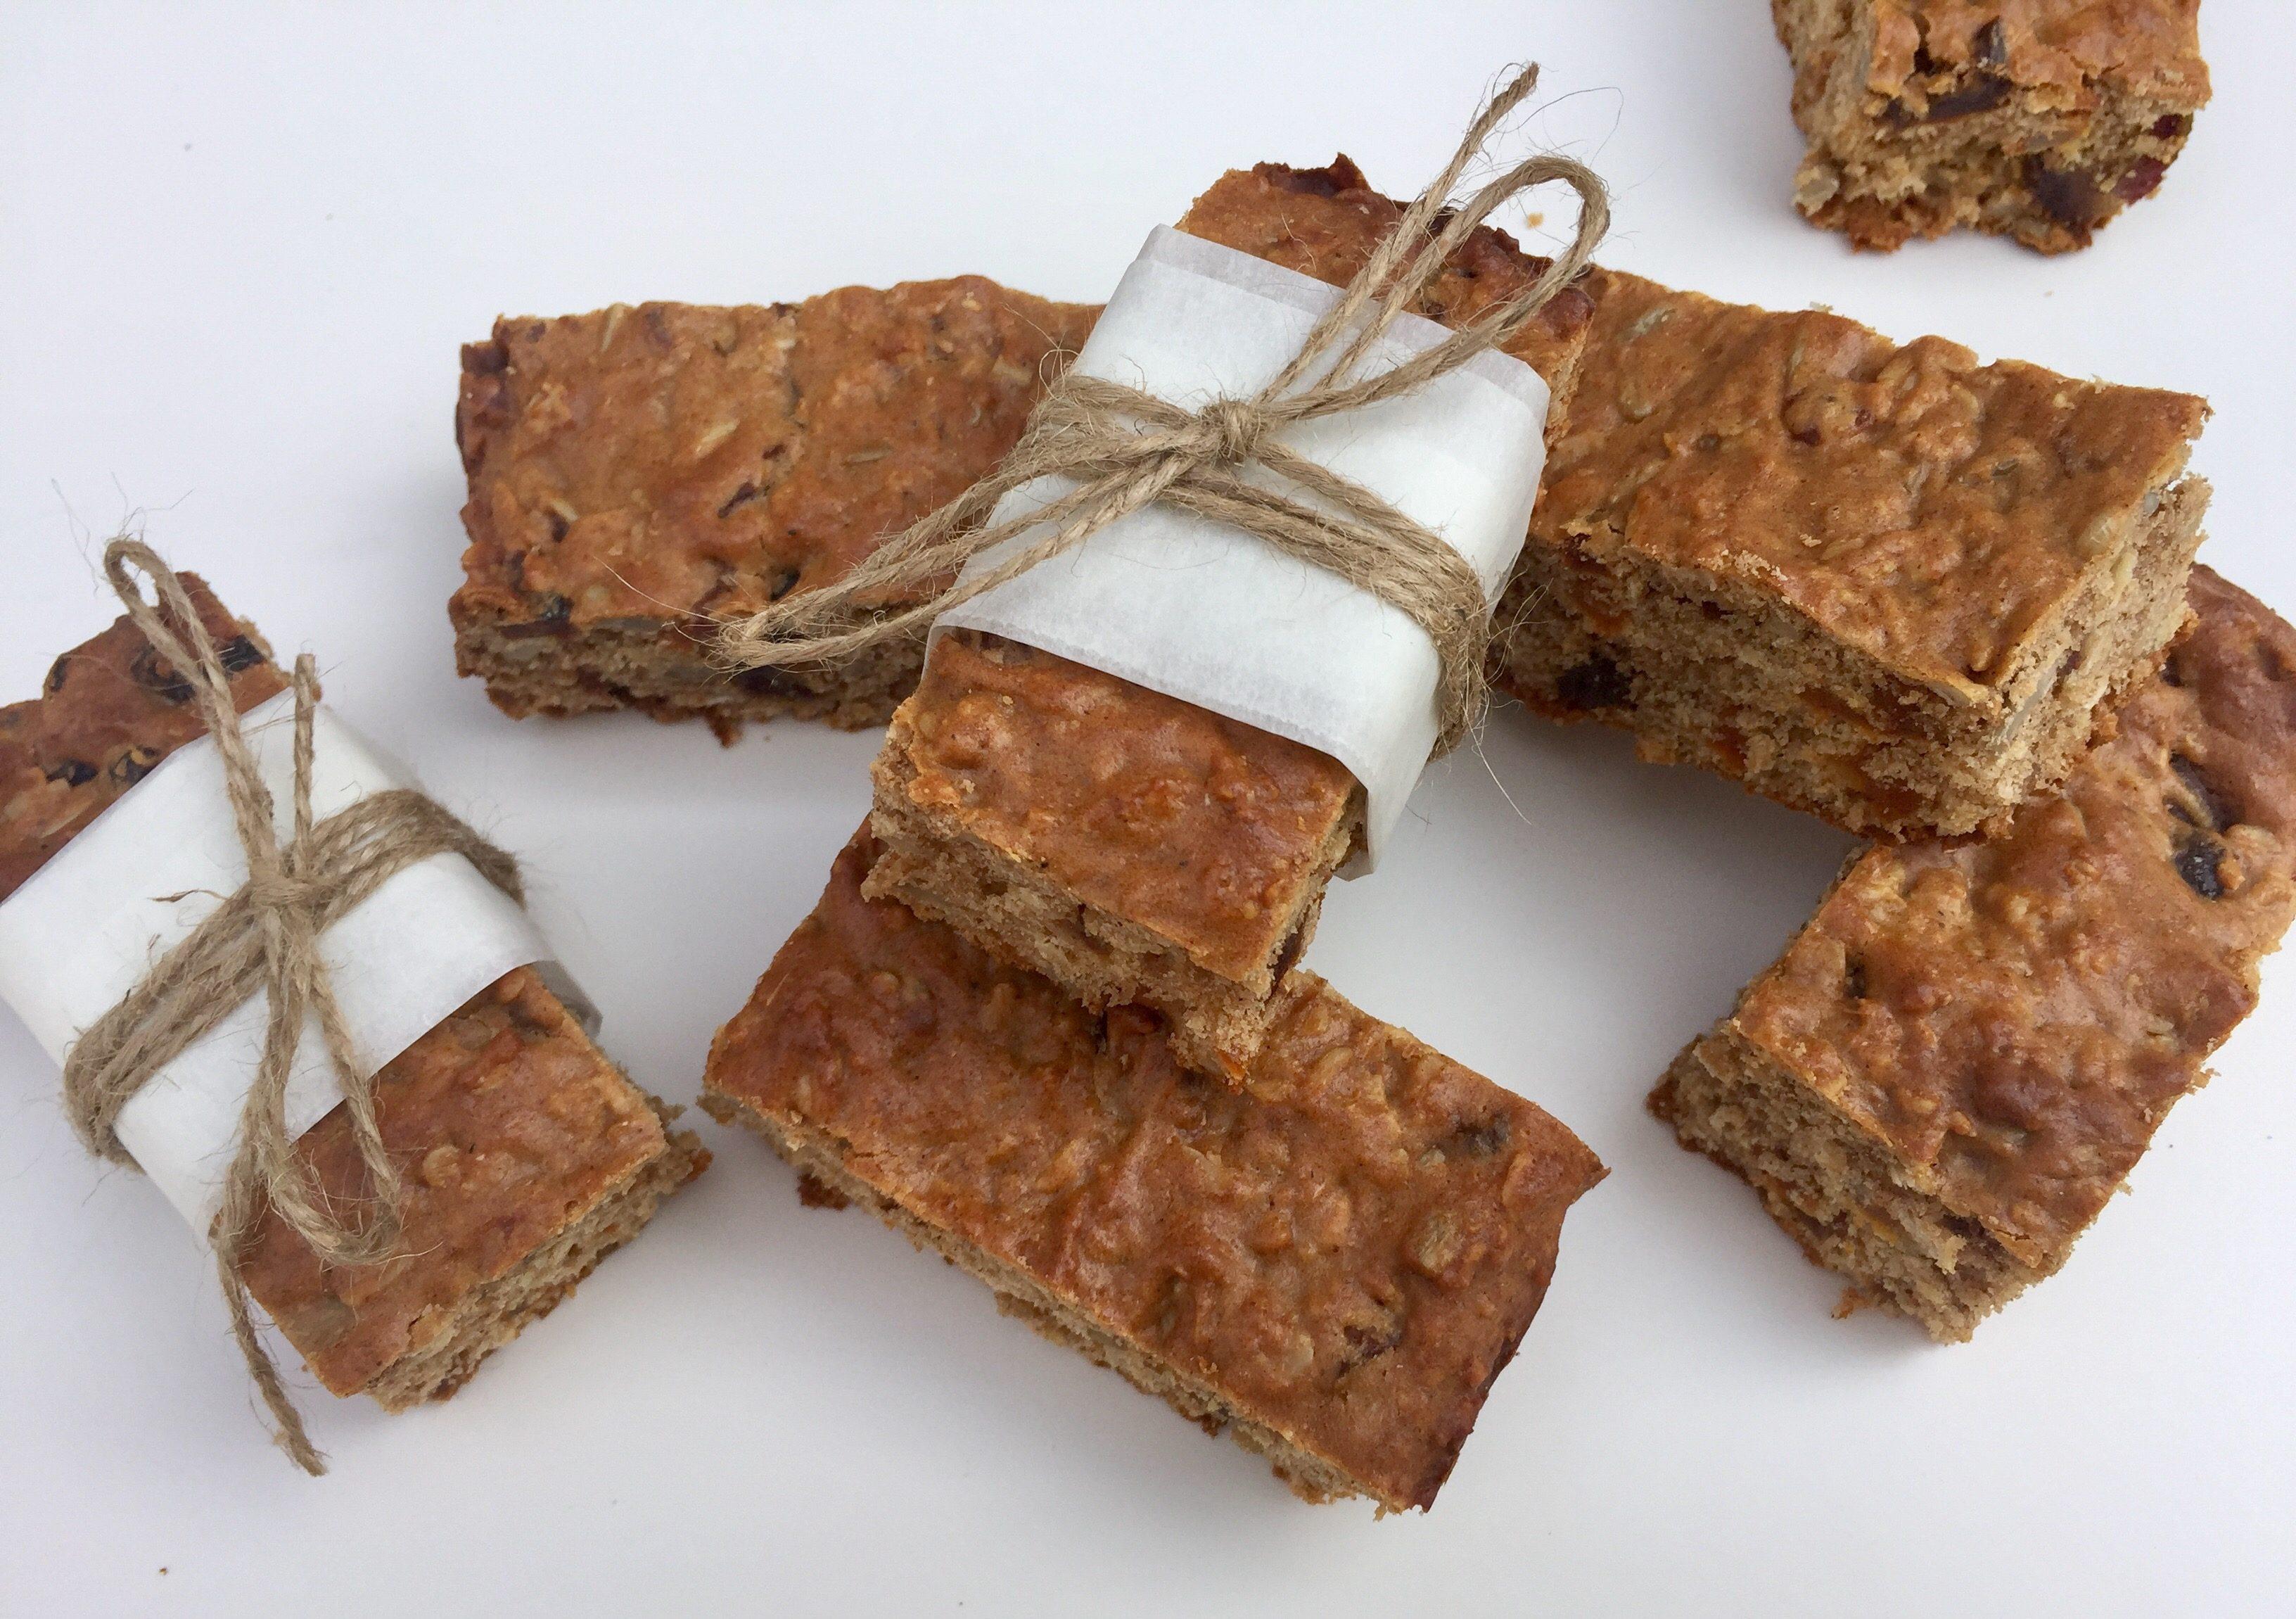 Granola-spice bars